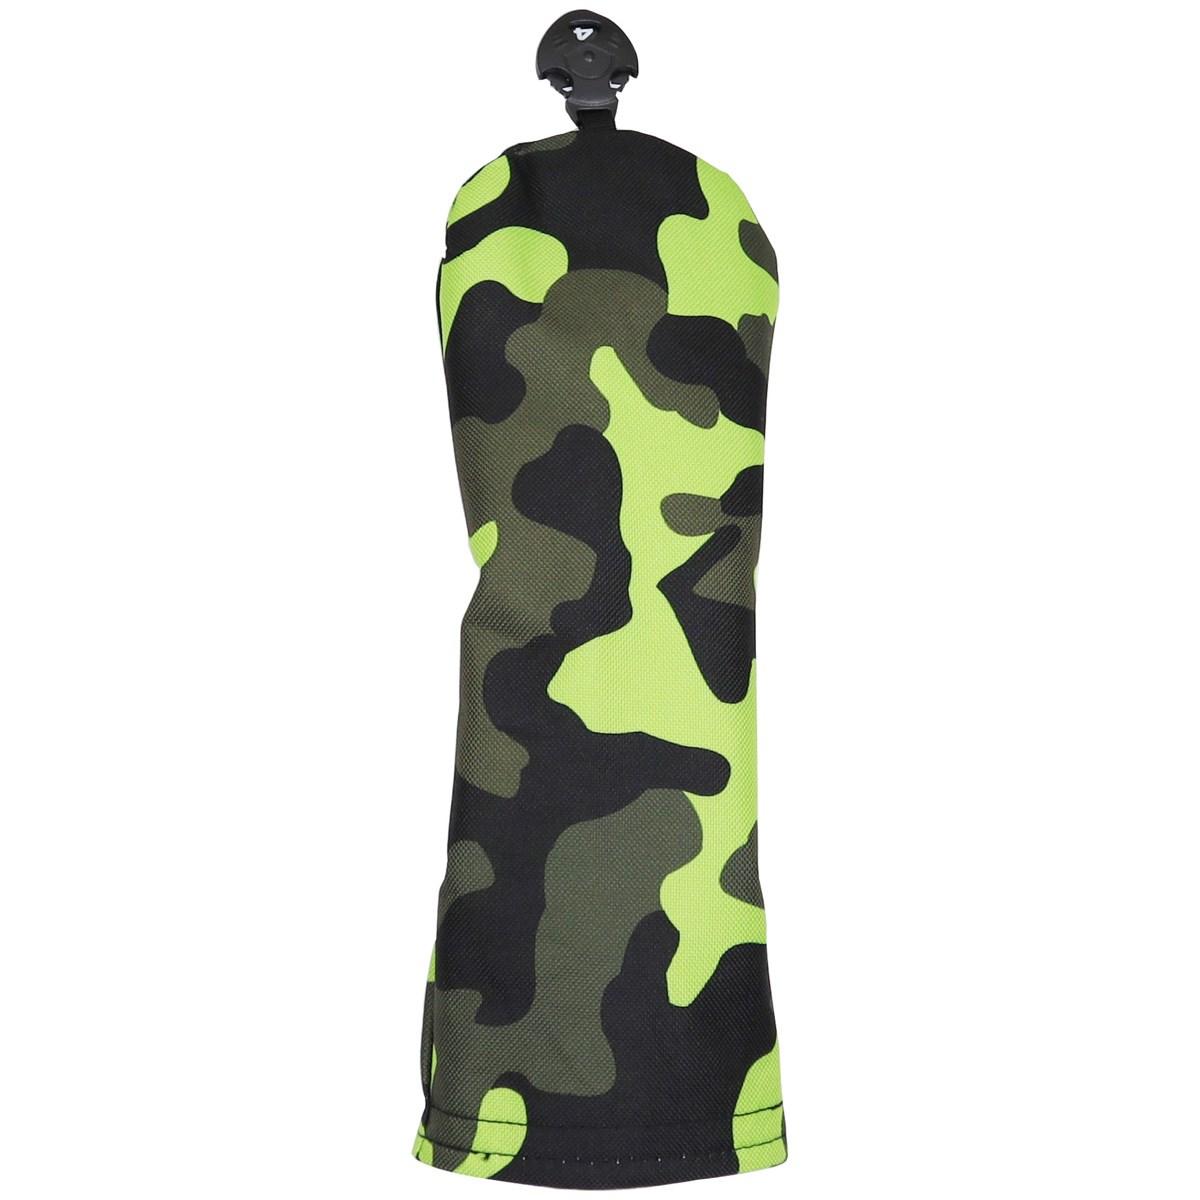 AZROF スタイルヘッドカバー FW用 アーバンカモグリーン